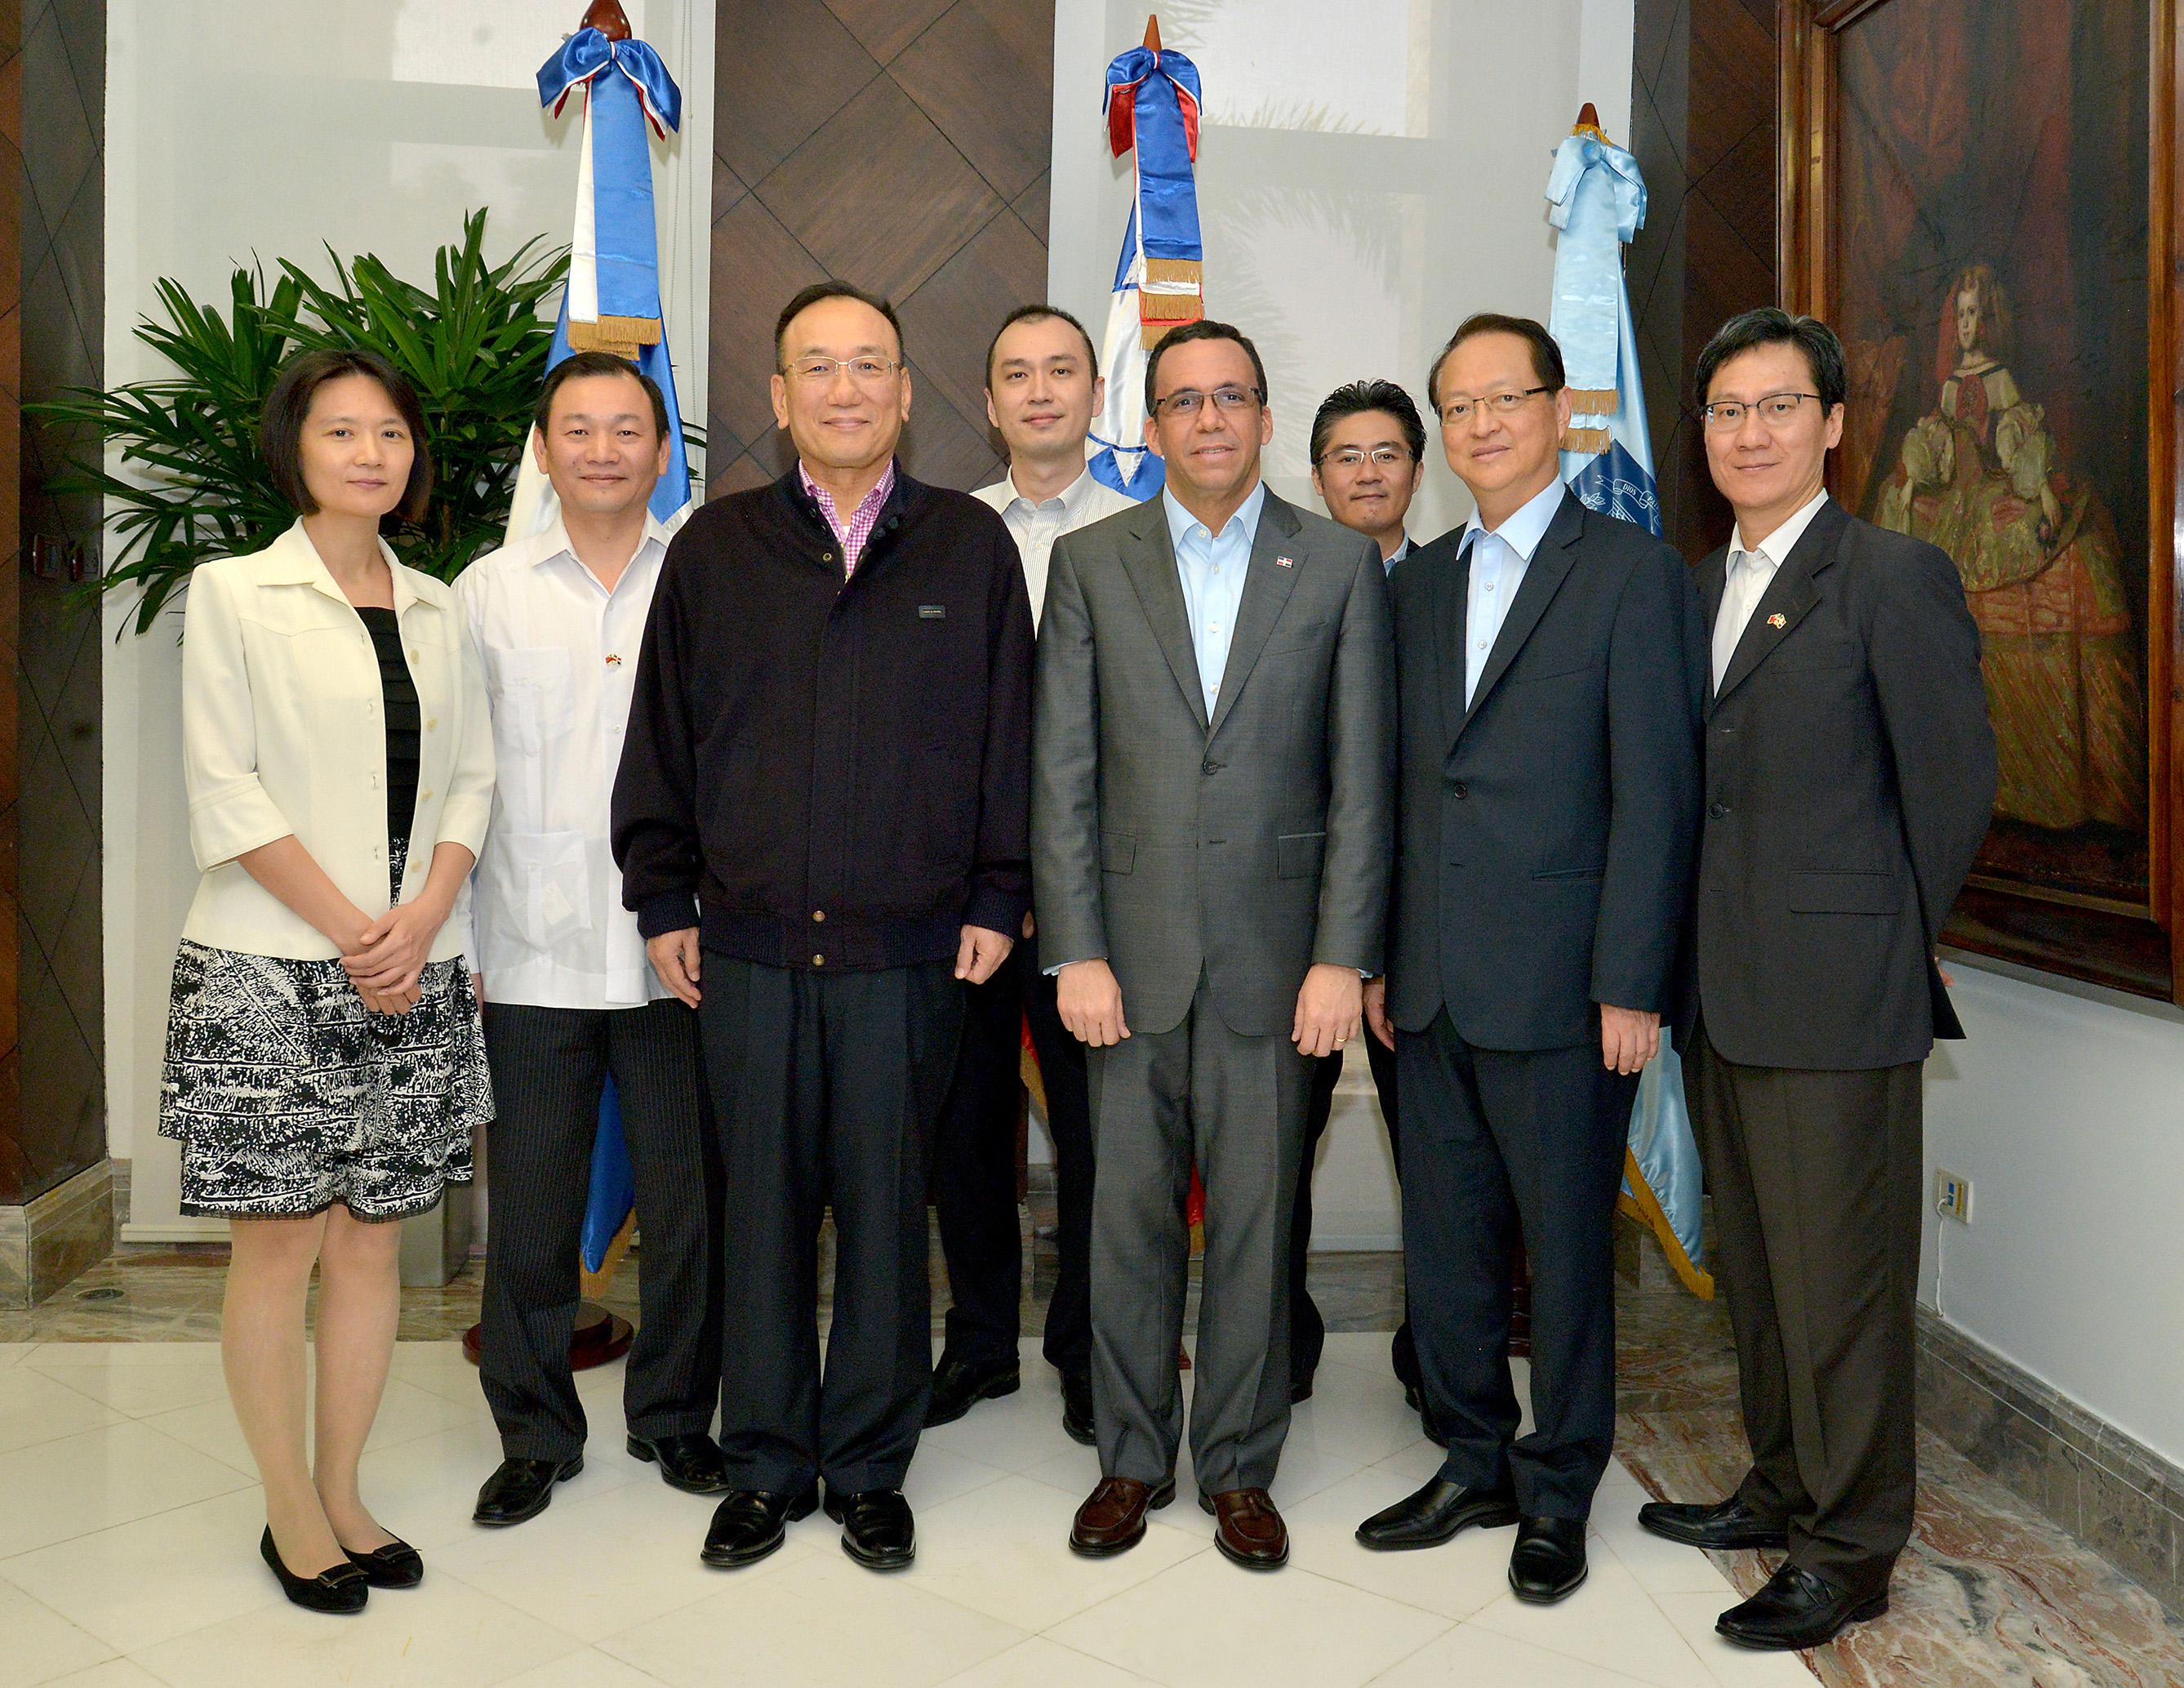 Educación coordina con vicecanciller de Taiwán proyectos de aulas móviles e intercambios estudiantiles